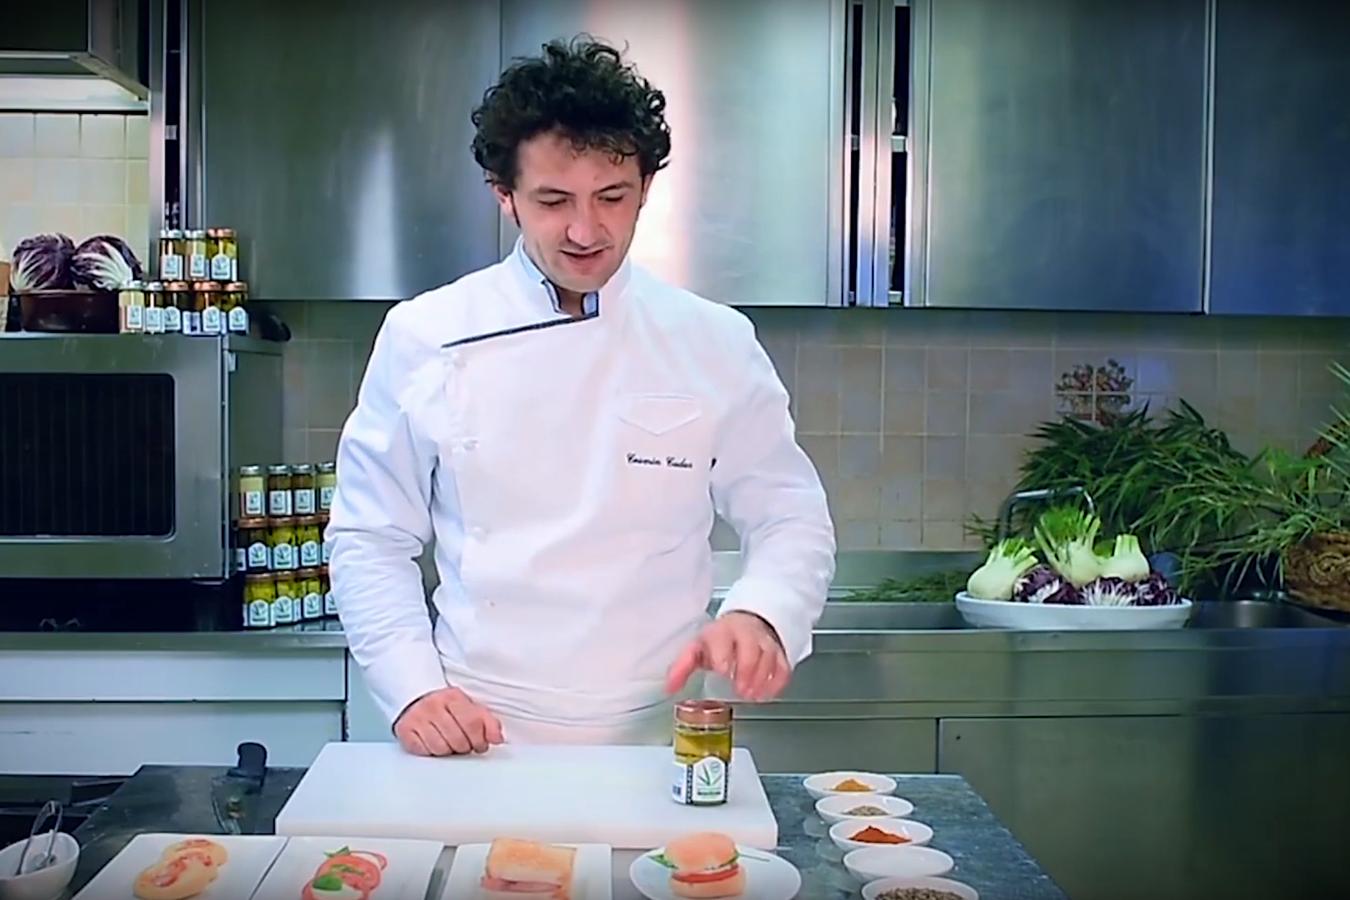 studio di doppiaggio: Sincrodub è una società di doppiaggio con sede a Bologna. Chef in cucina